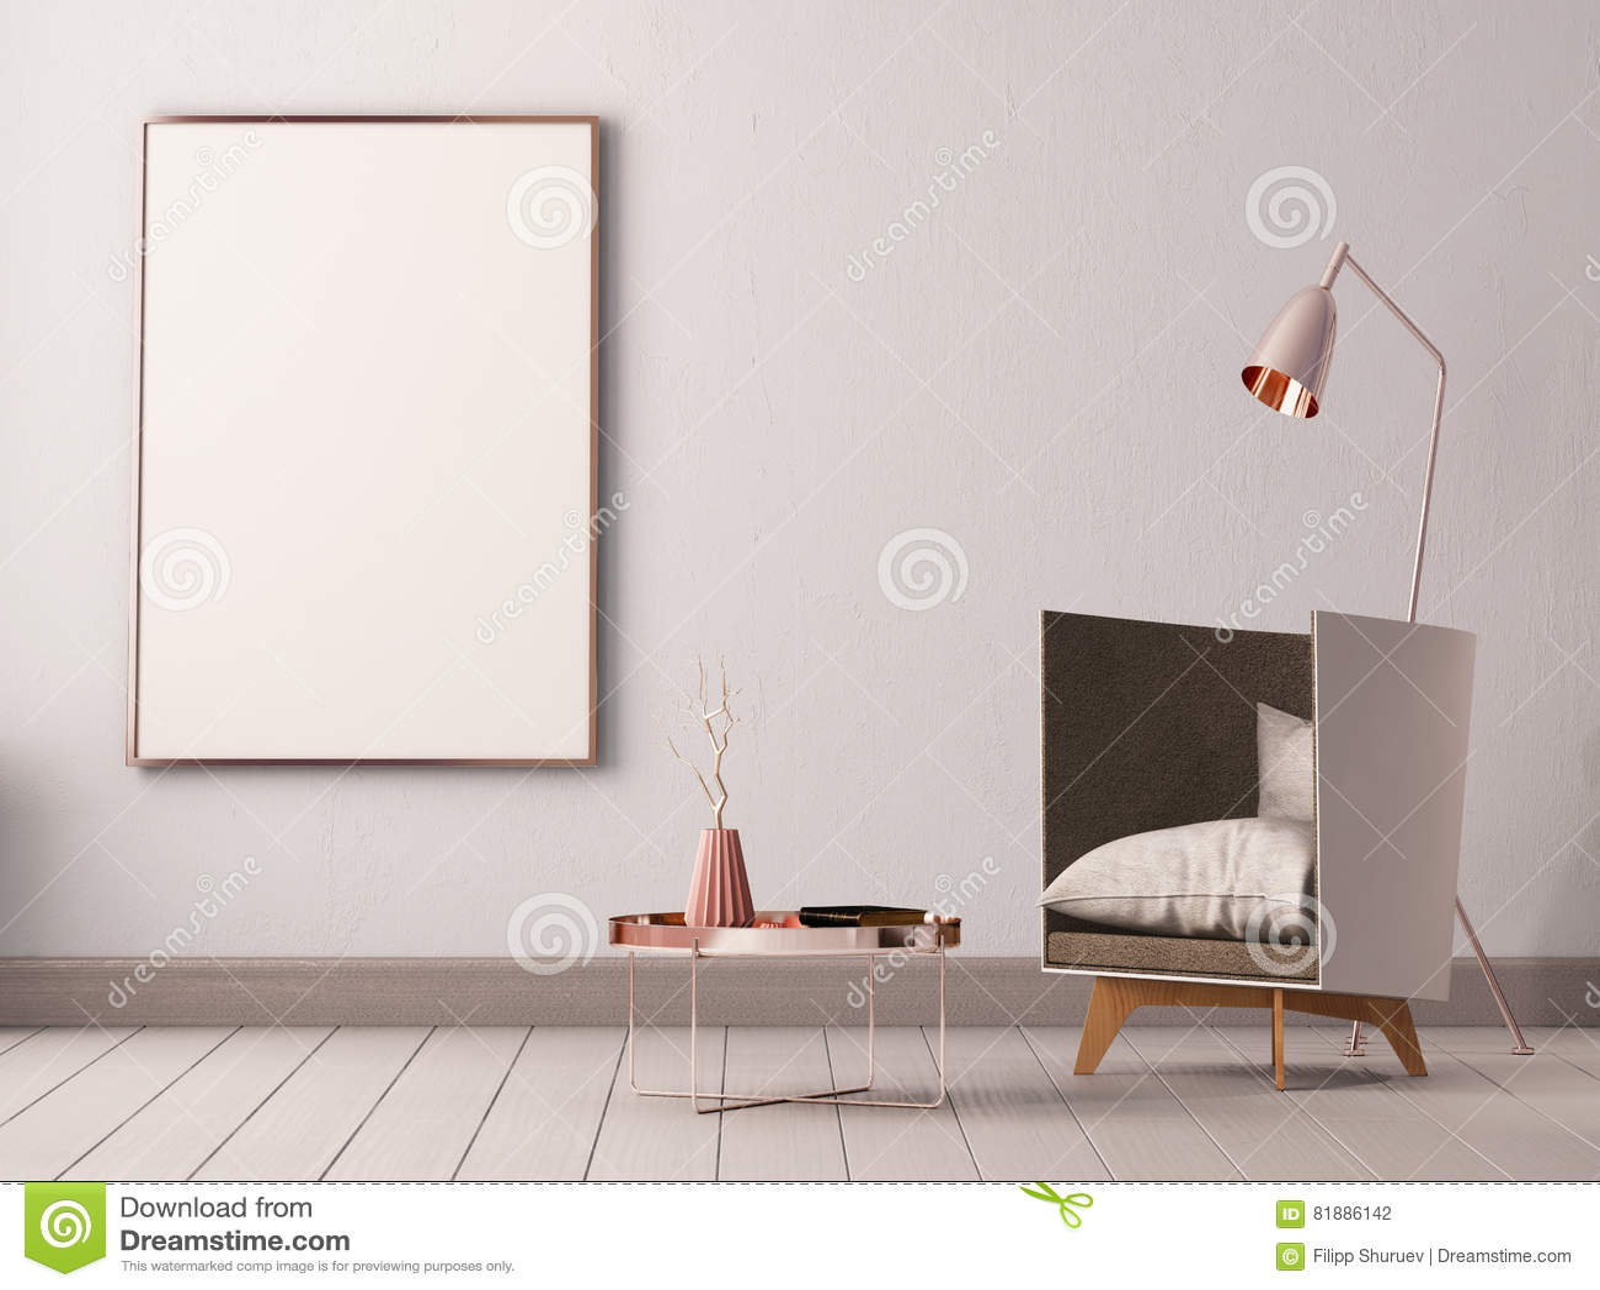 Zombe acima do cartaz no interior de uma sala de visitas com poltronas e lâmpadas 3d a ilustração 3d rende